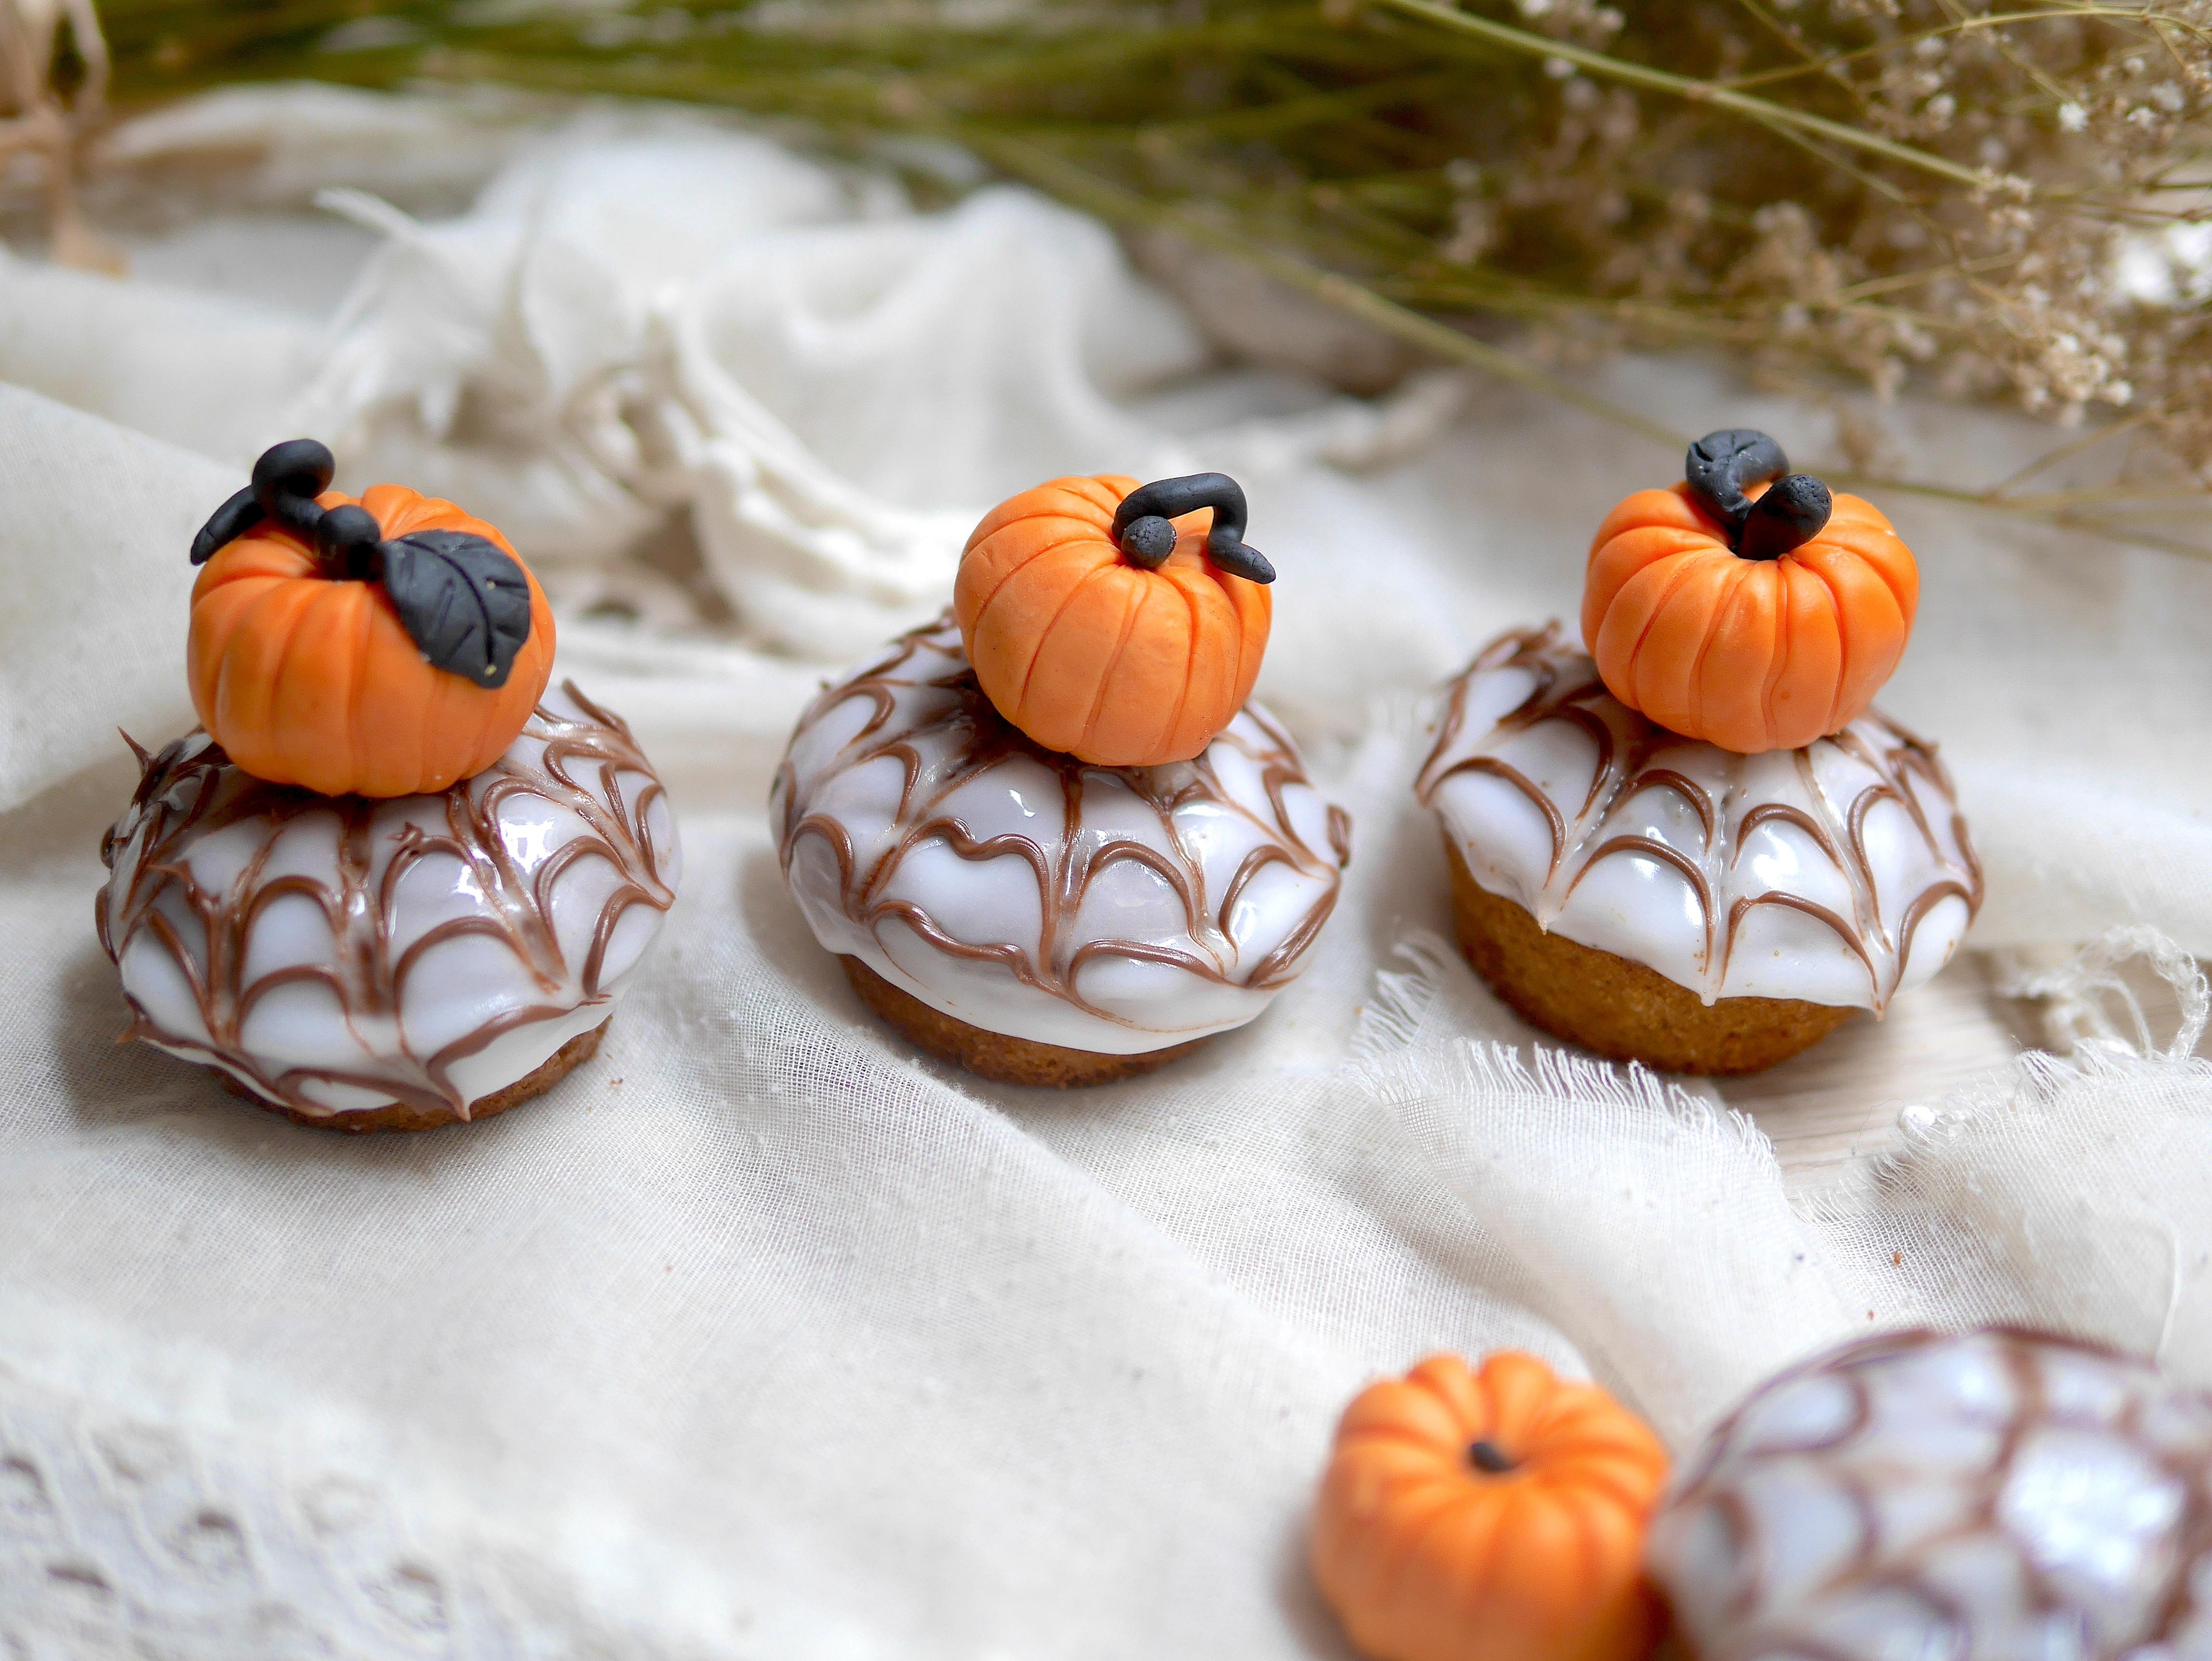 Cupcakes de butternut spécial Halloween pour un dessert diaBIOlique :-)